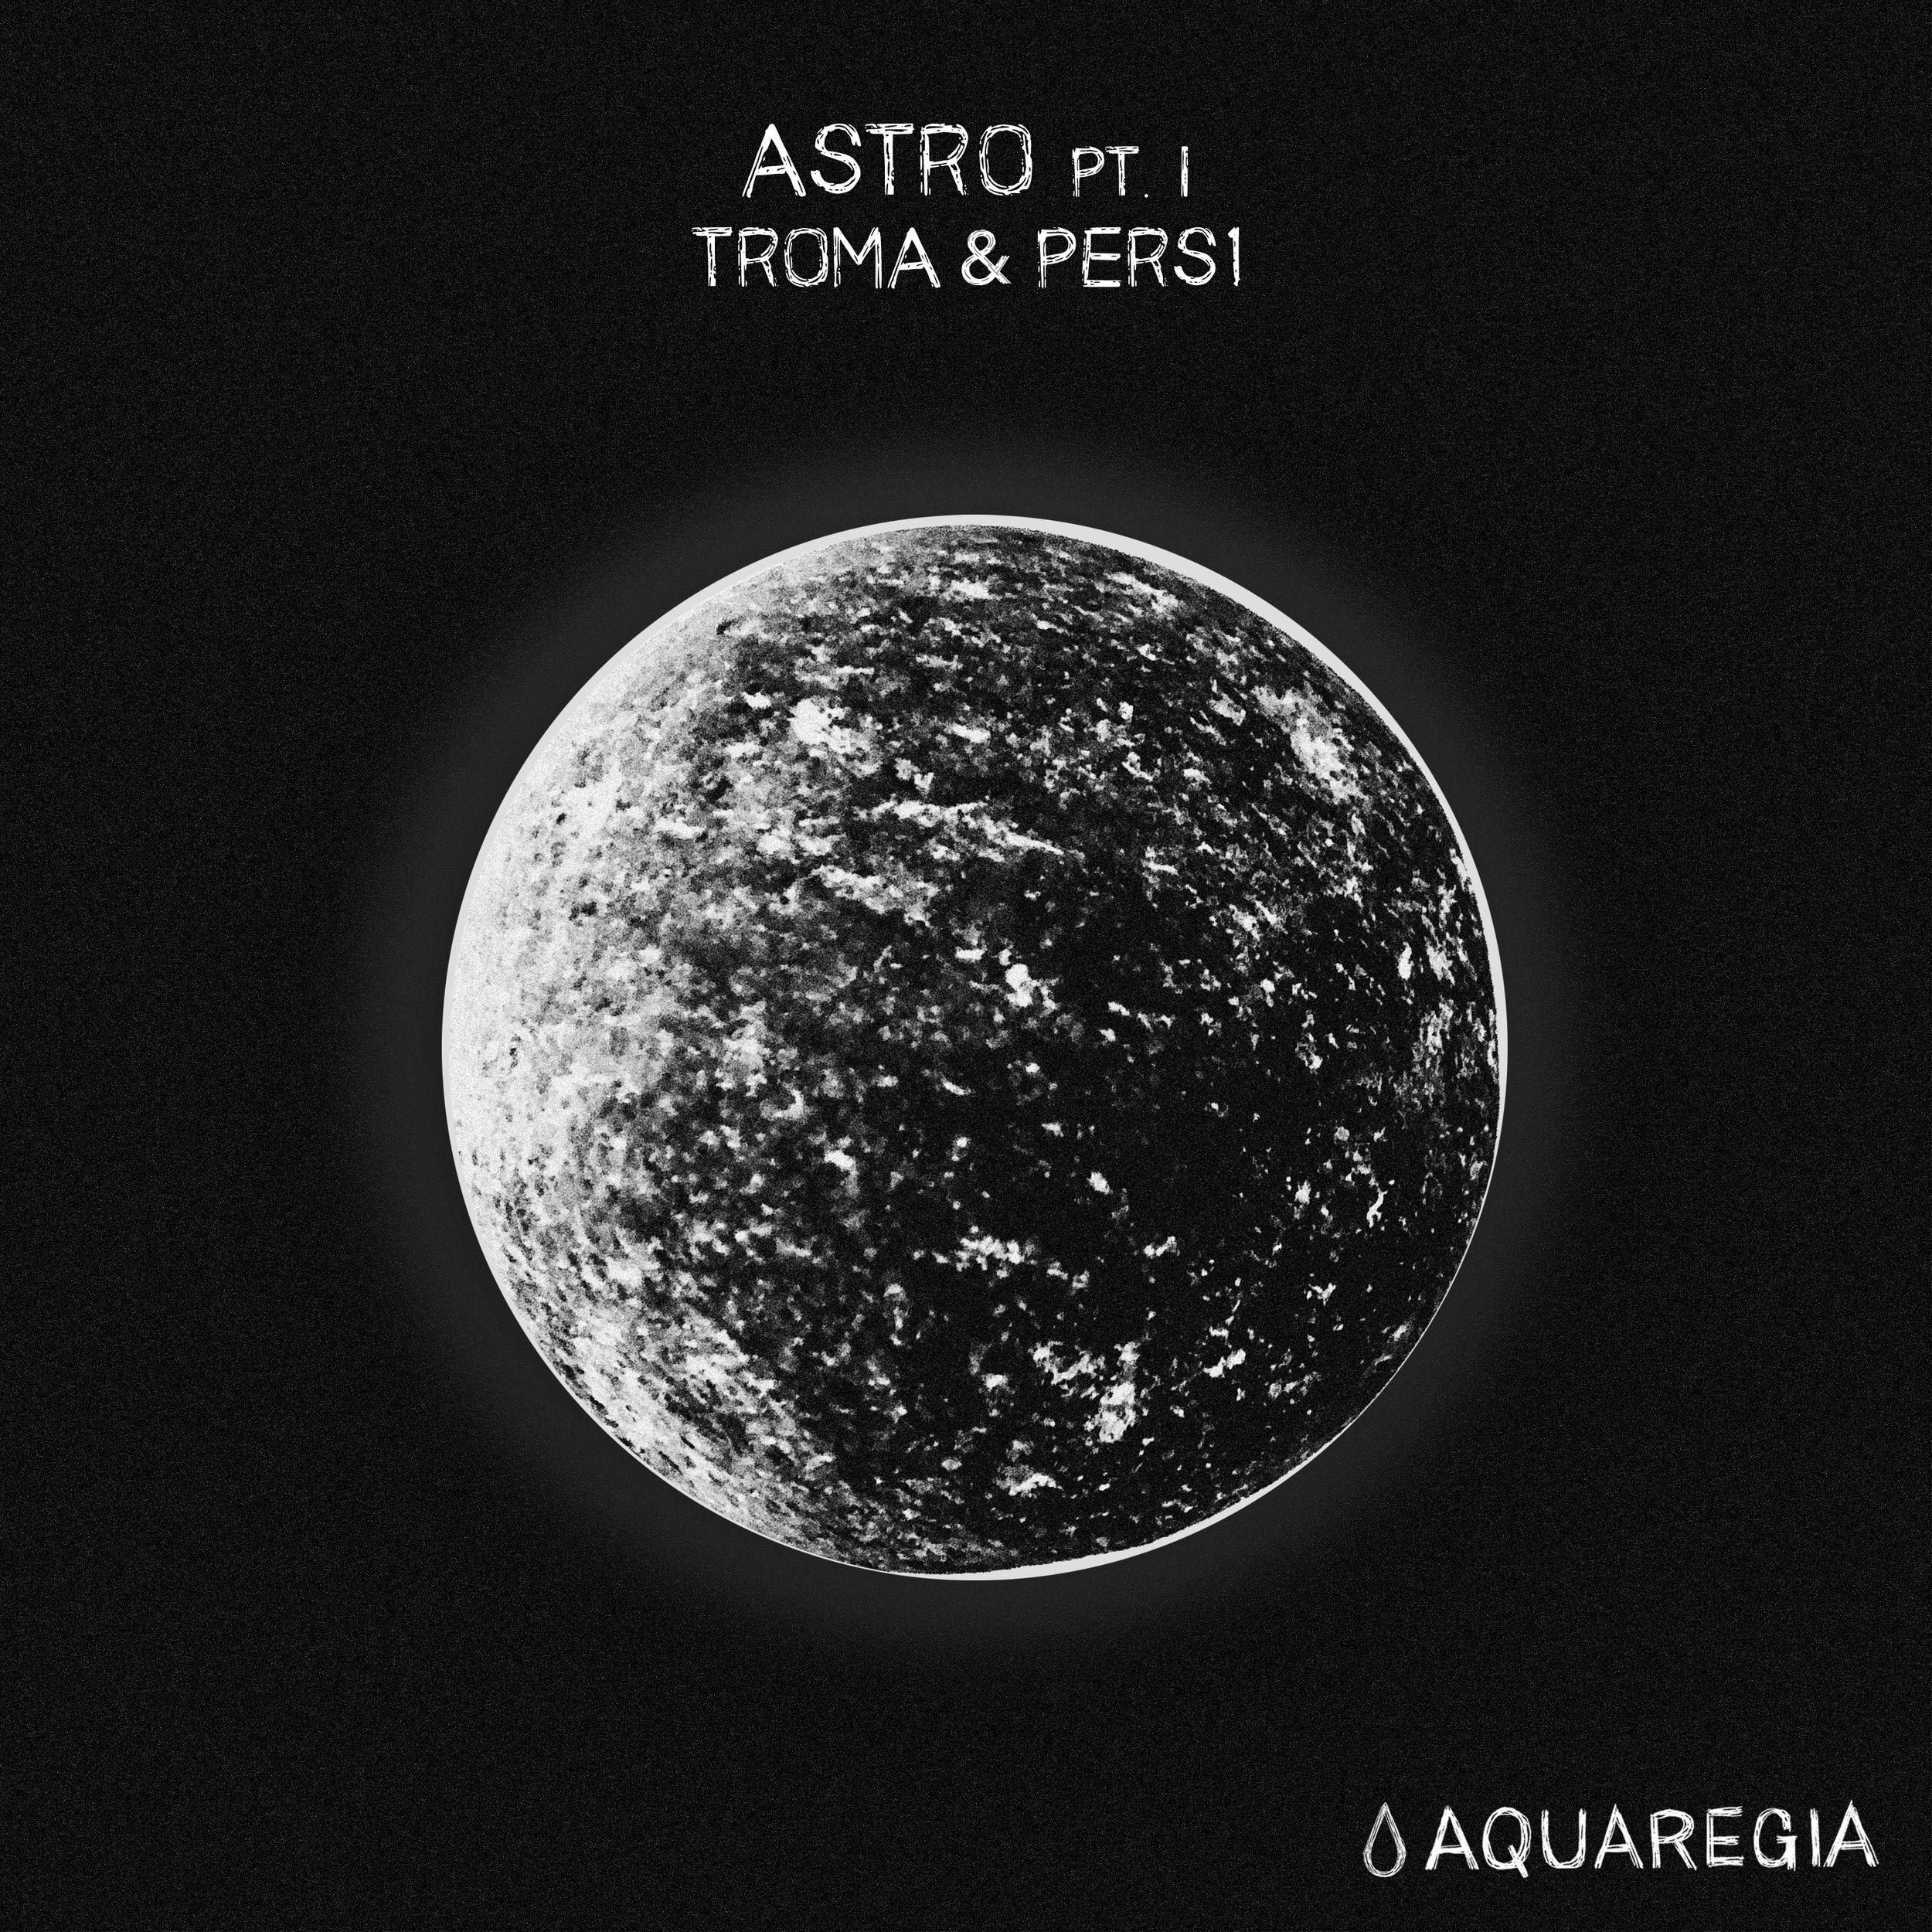 Troma & PERS1 Astro